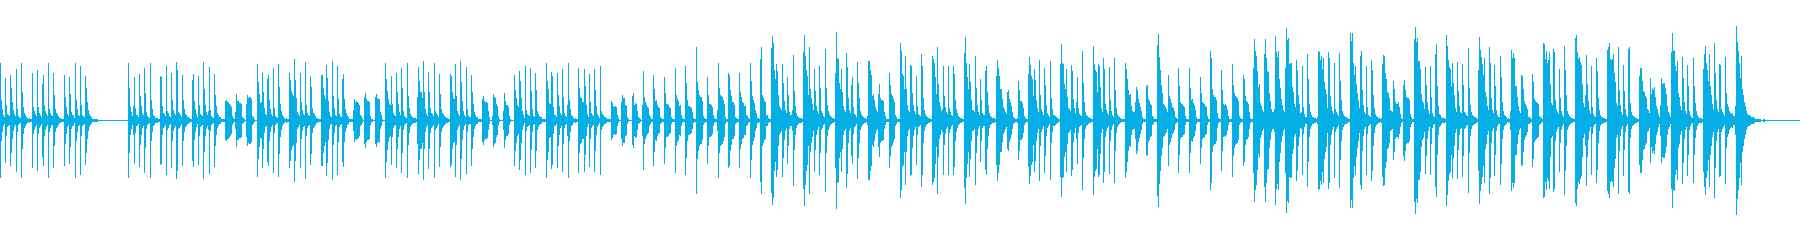 ほのぼのした6/8拍子のマーチの再生済みの波形